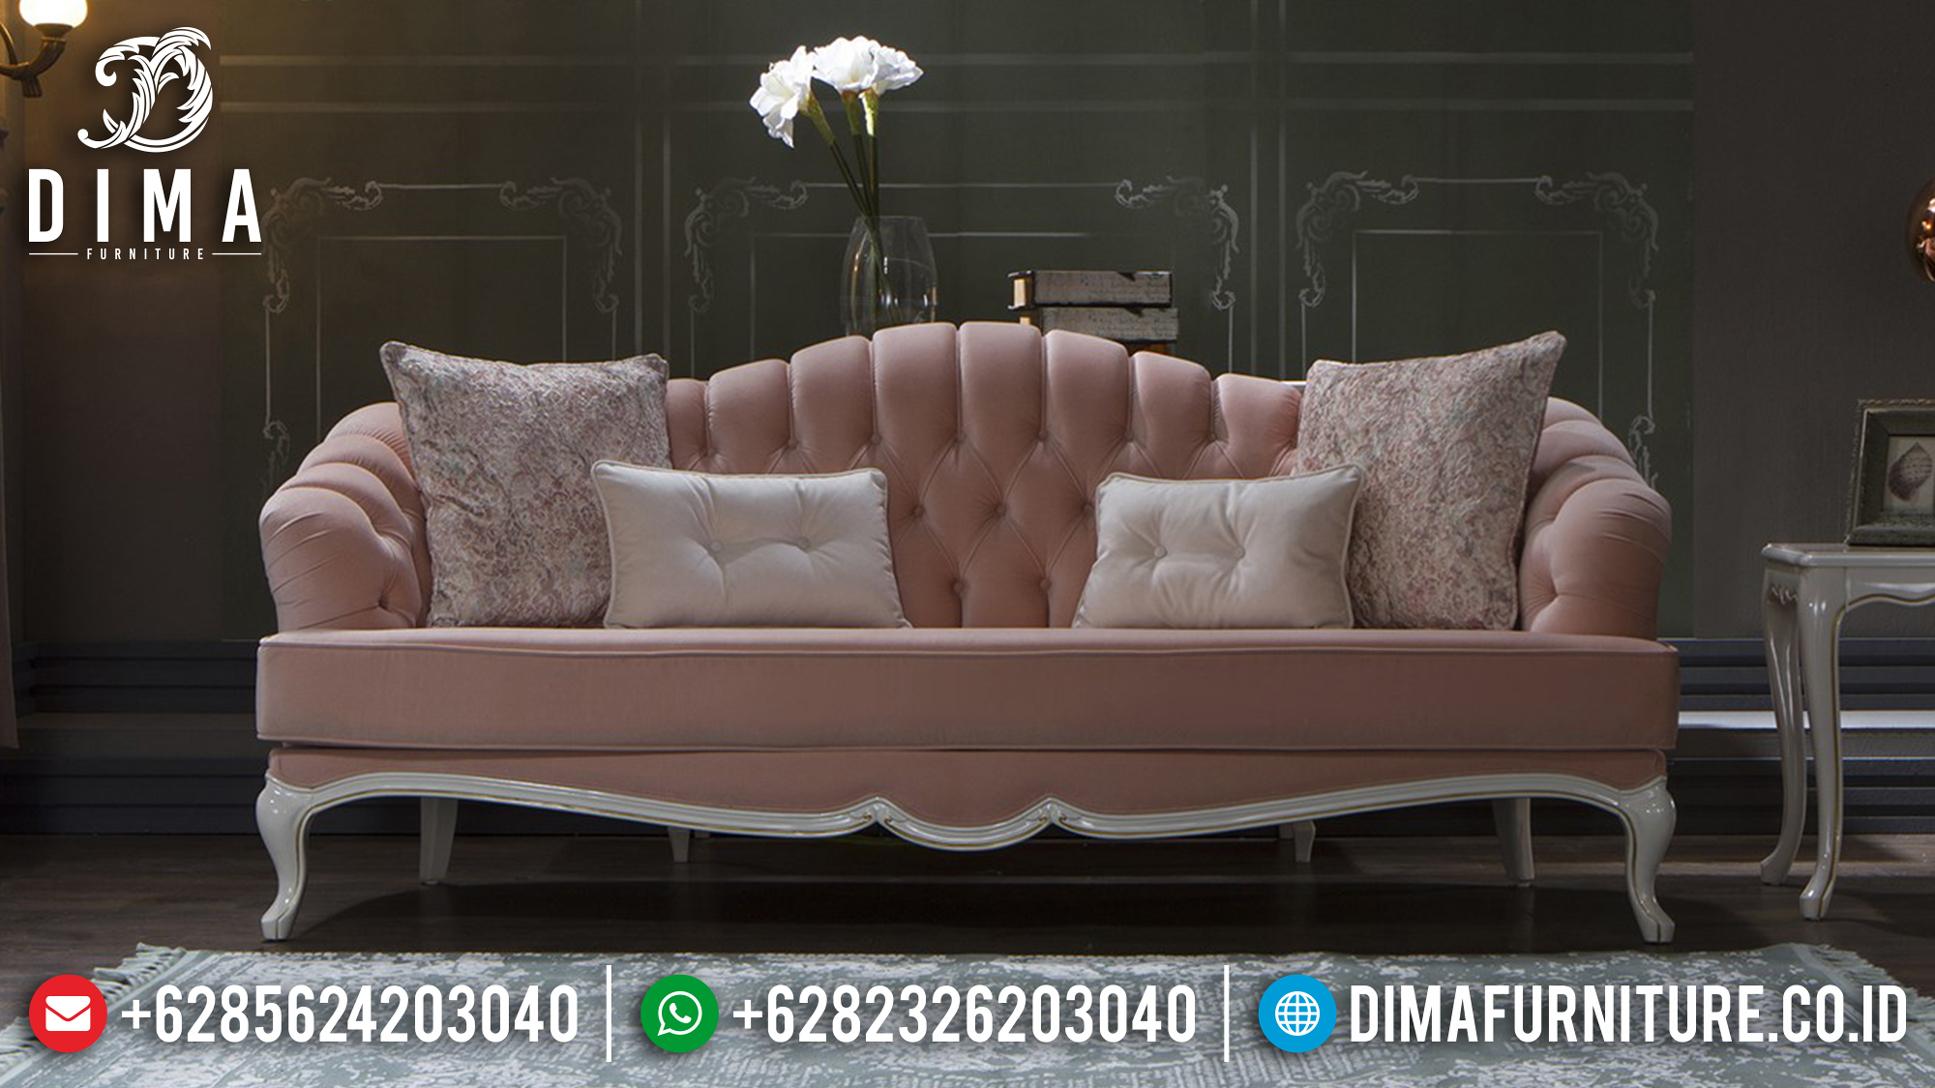 Mebel Murah Sofa Tamu Minimalis Jepara 3 2 1 Meja Terbaru DF-0748